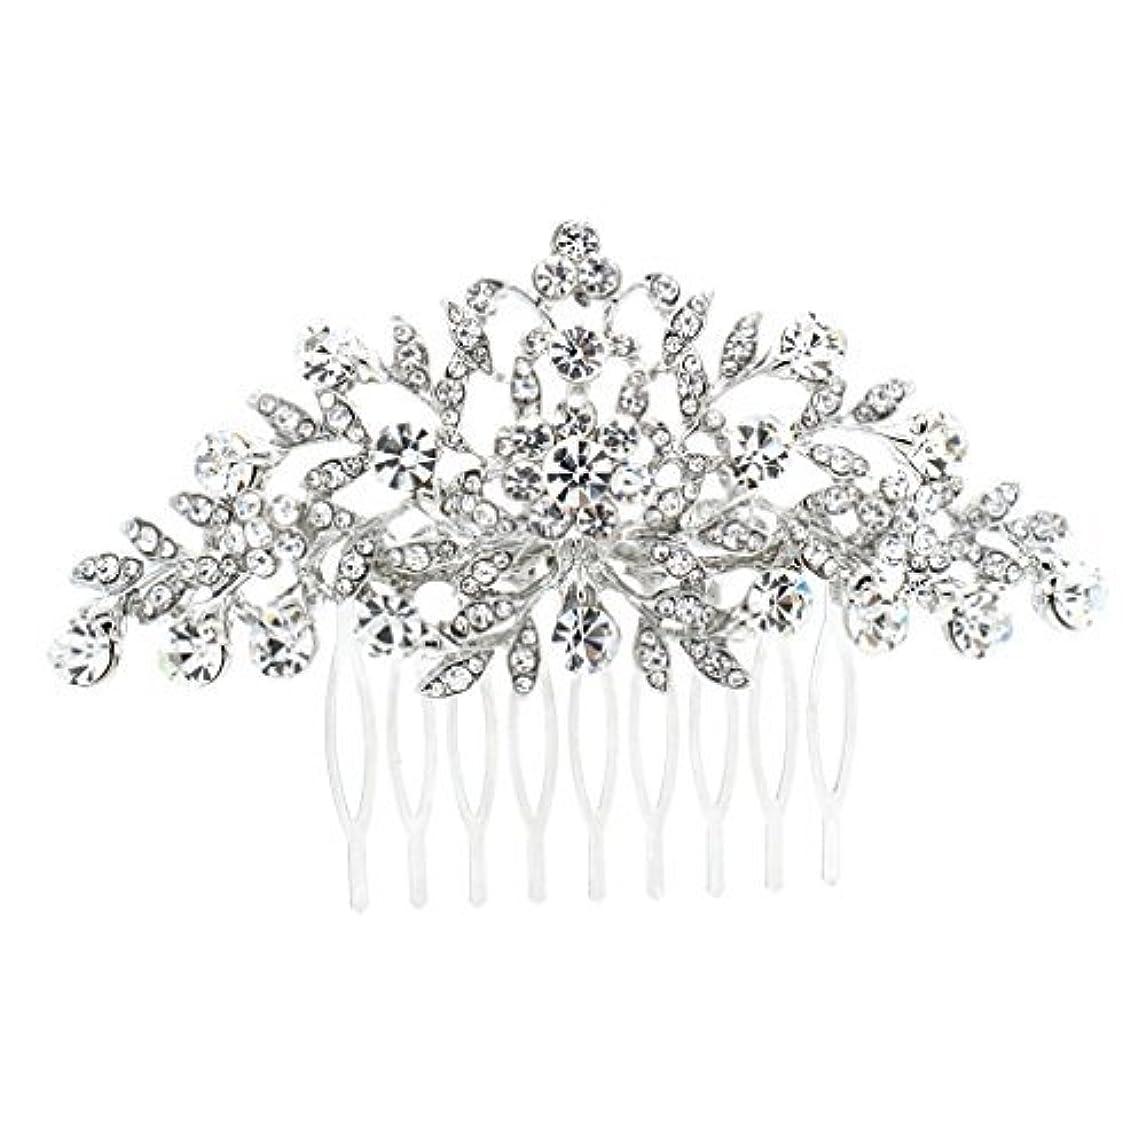 リスキーなクリーク半島SEPBRDIALS Rhinestone Crystal Hair Comb Pins Women Wedding Hair Jewelry Accessories FA2944 (Silver) [並行輸入品]